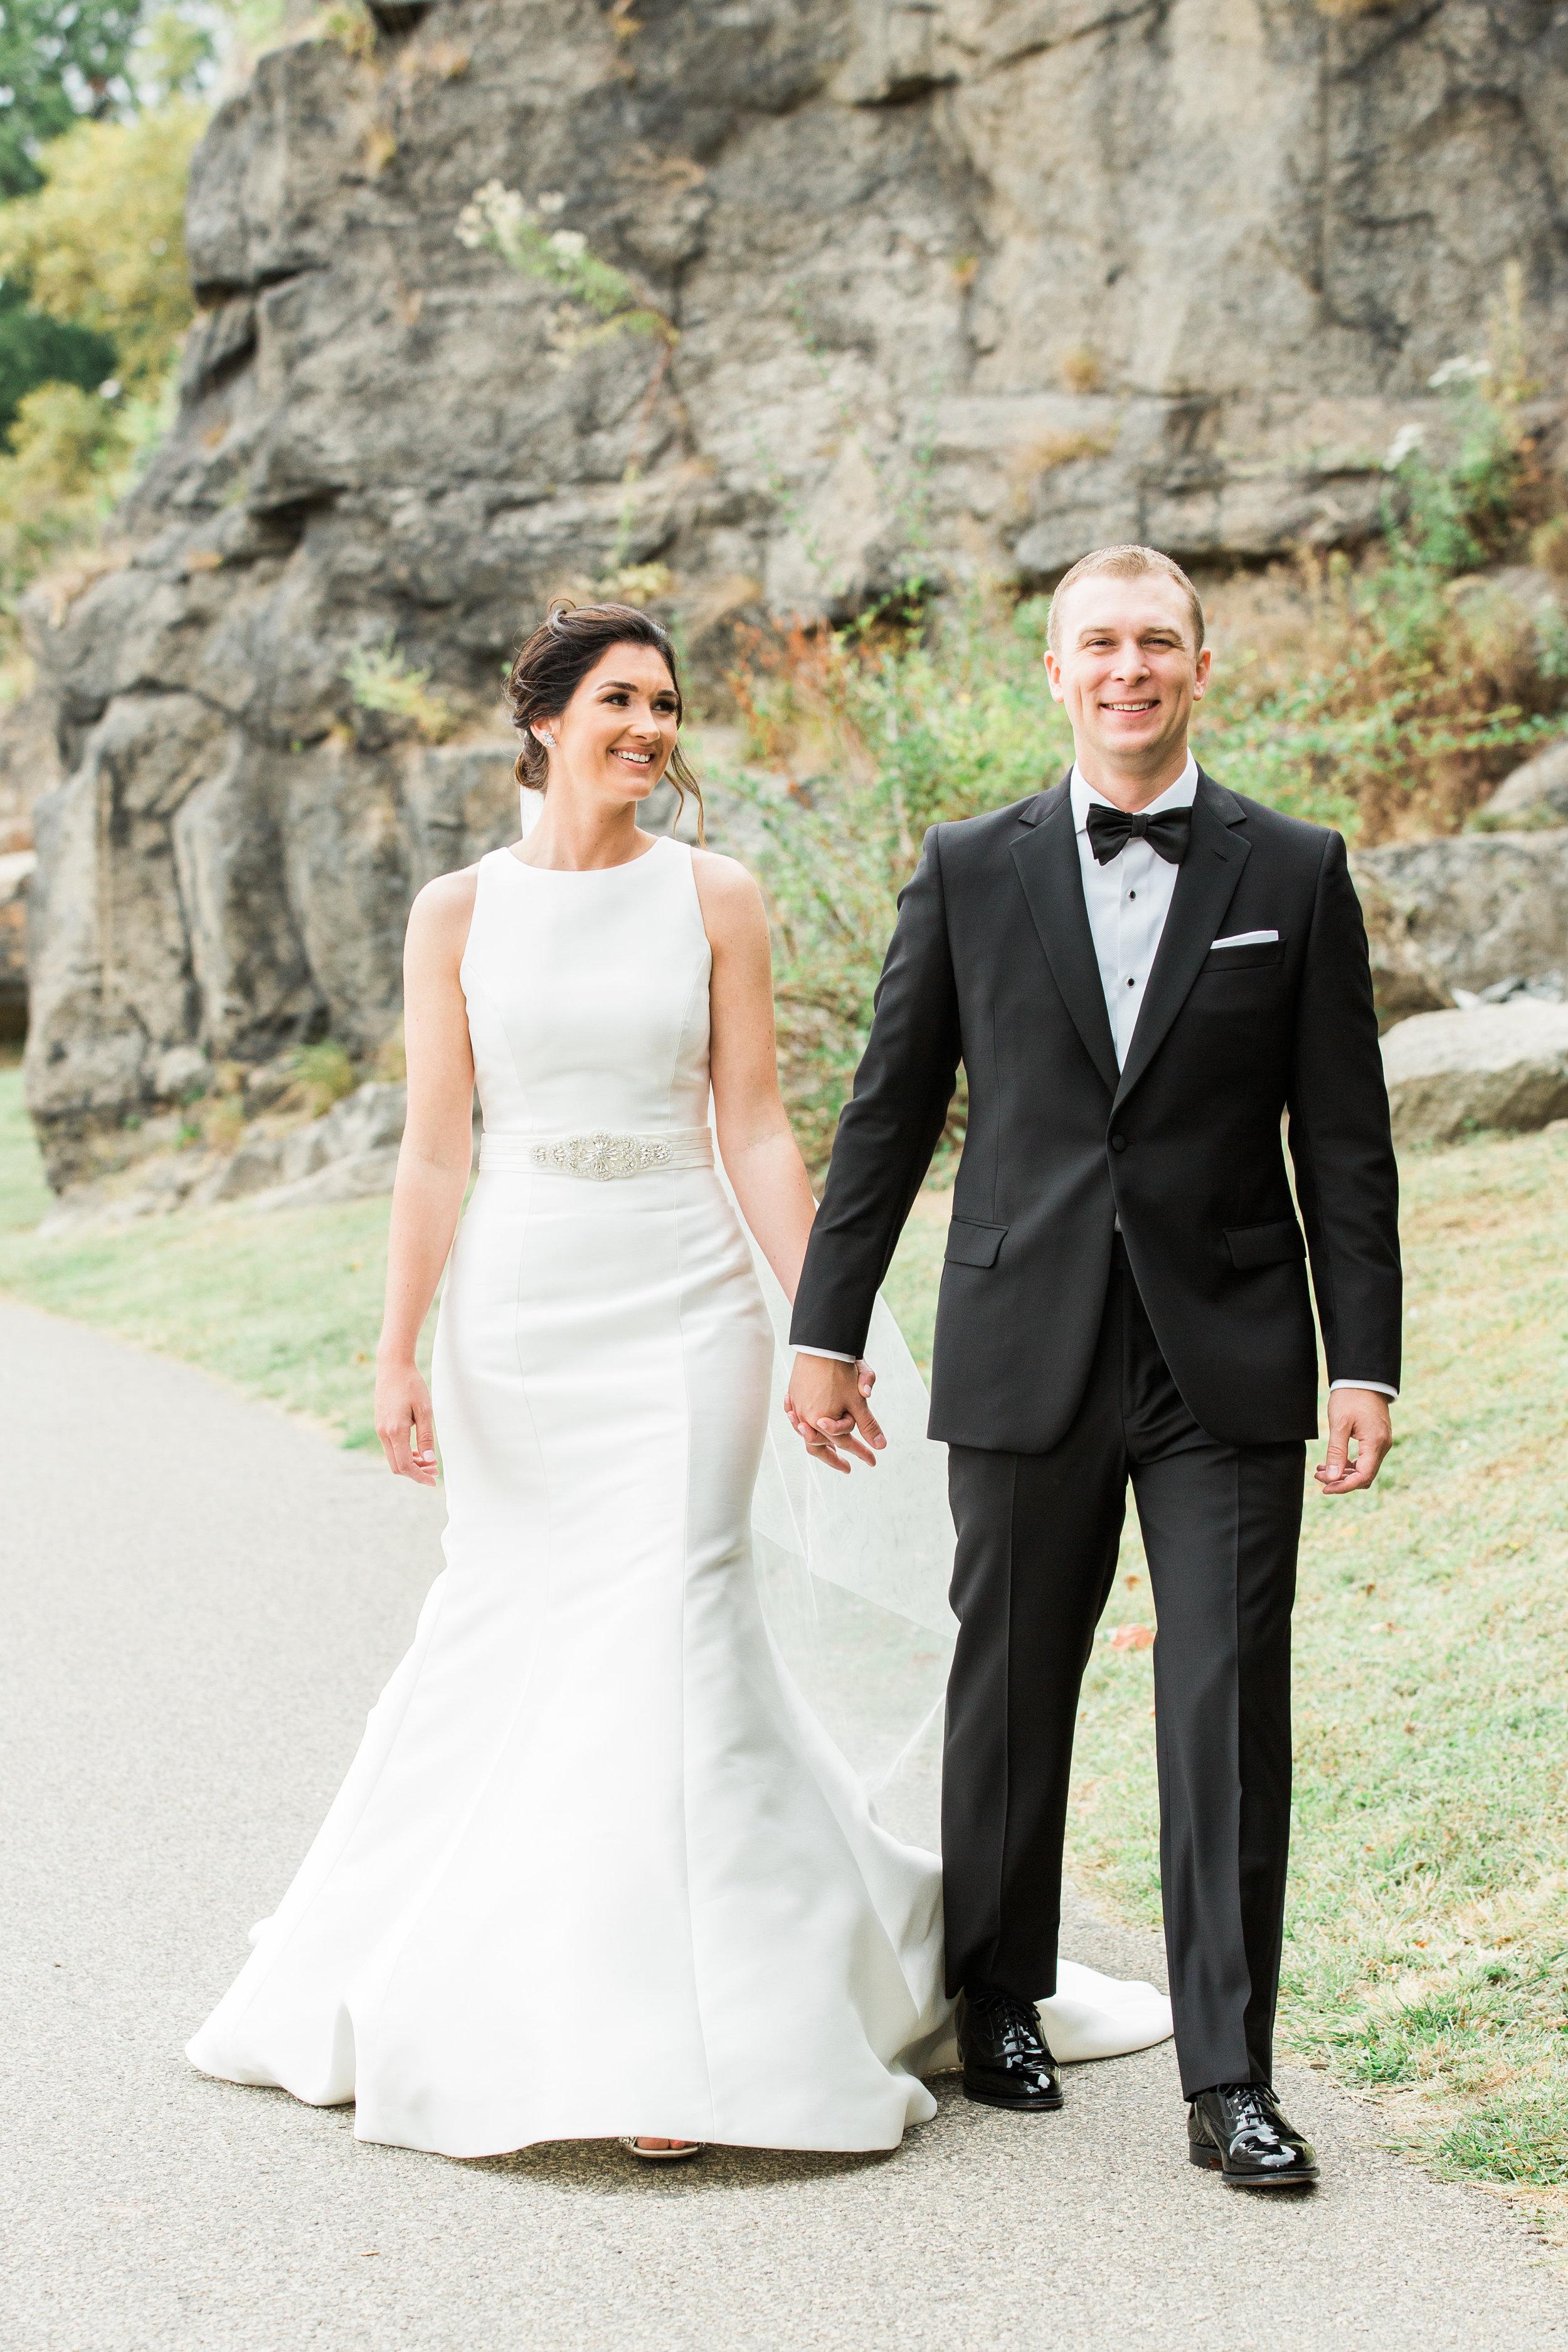 Hudson-Nichols-Black-Tie-Bride-Philadelphia-Waterworks-Wedding-Bride-Groom-Portraits13.jpg